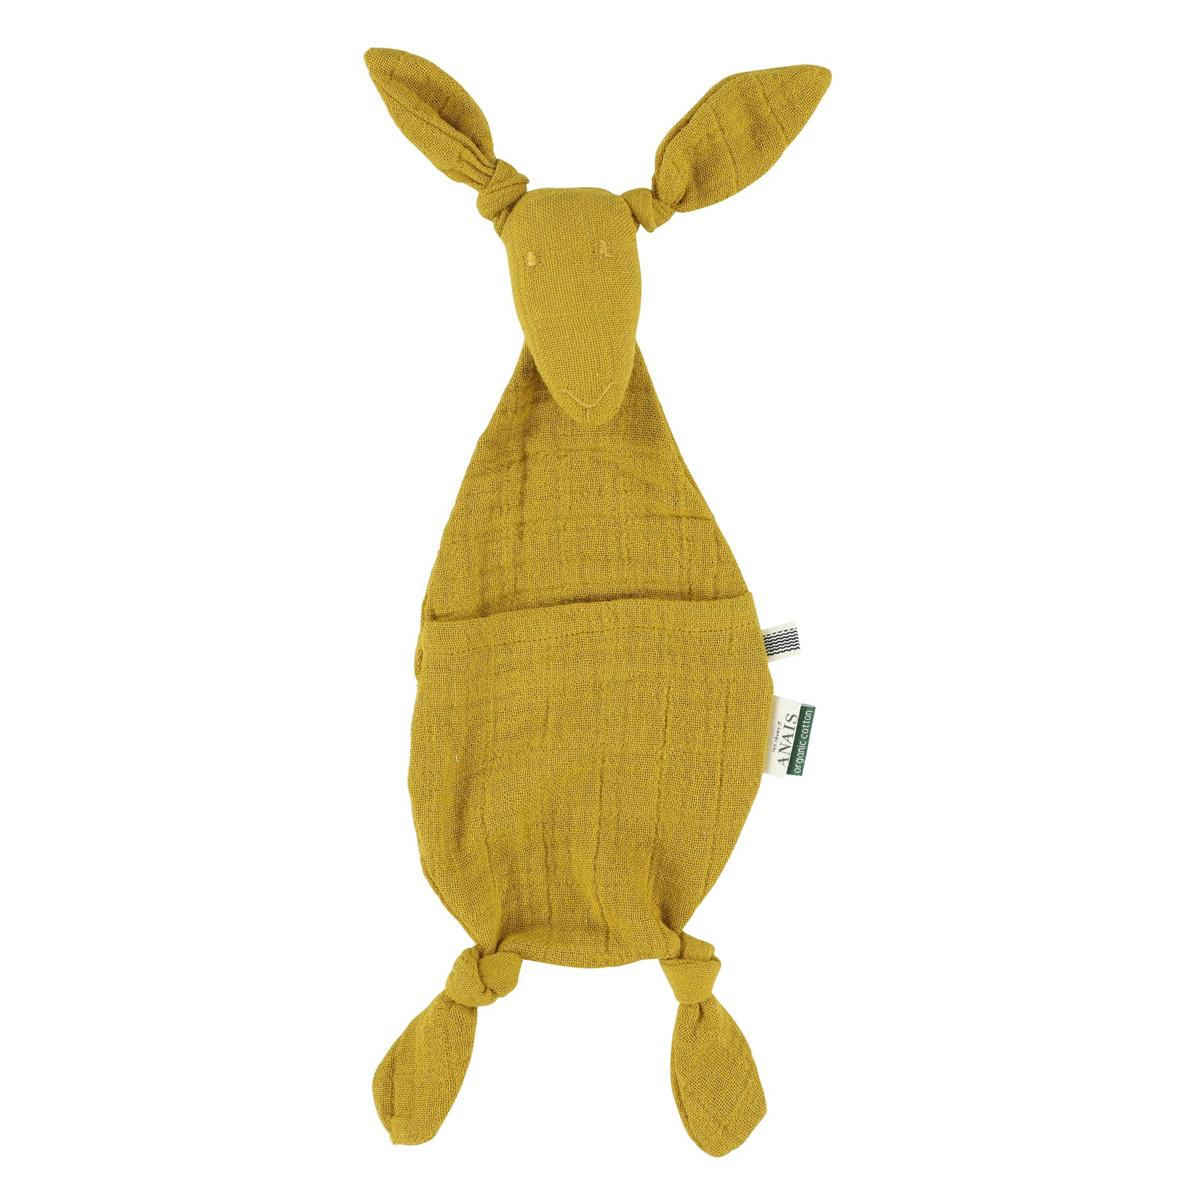 Doudou Doudou Kangourou - Bliss Mustard Doudou Kangourou - Bliss Mustard